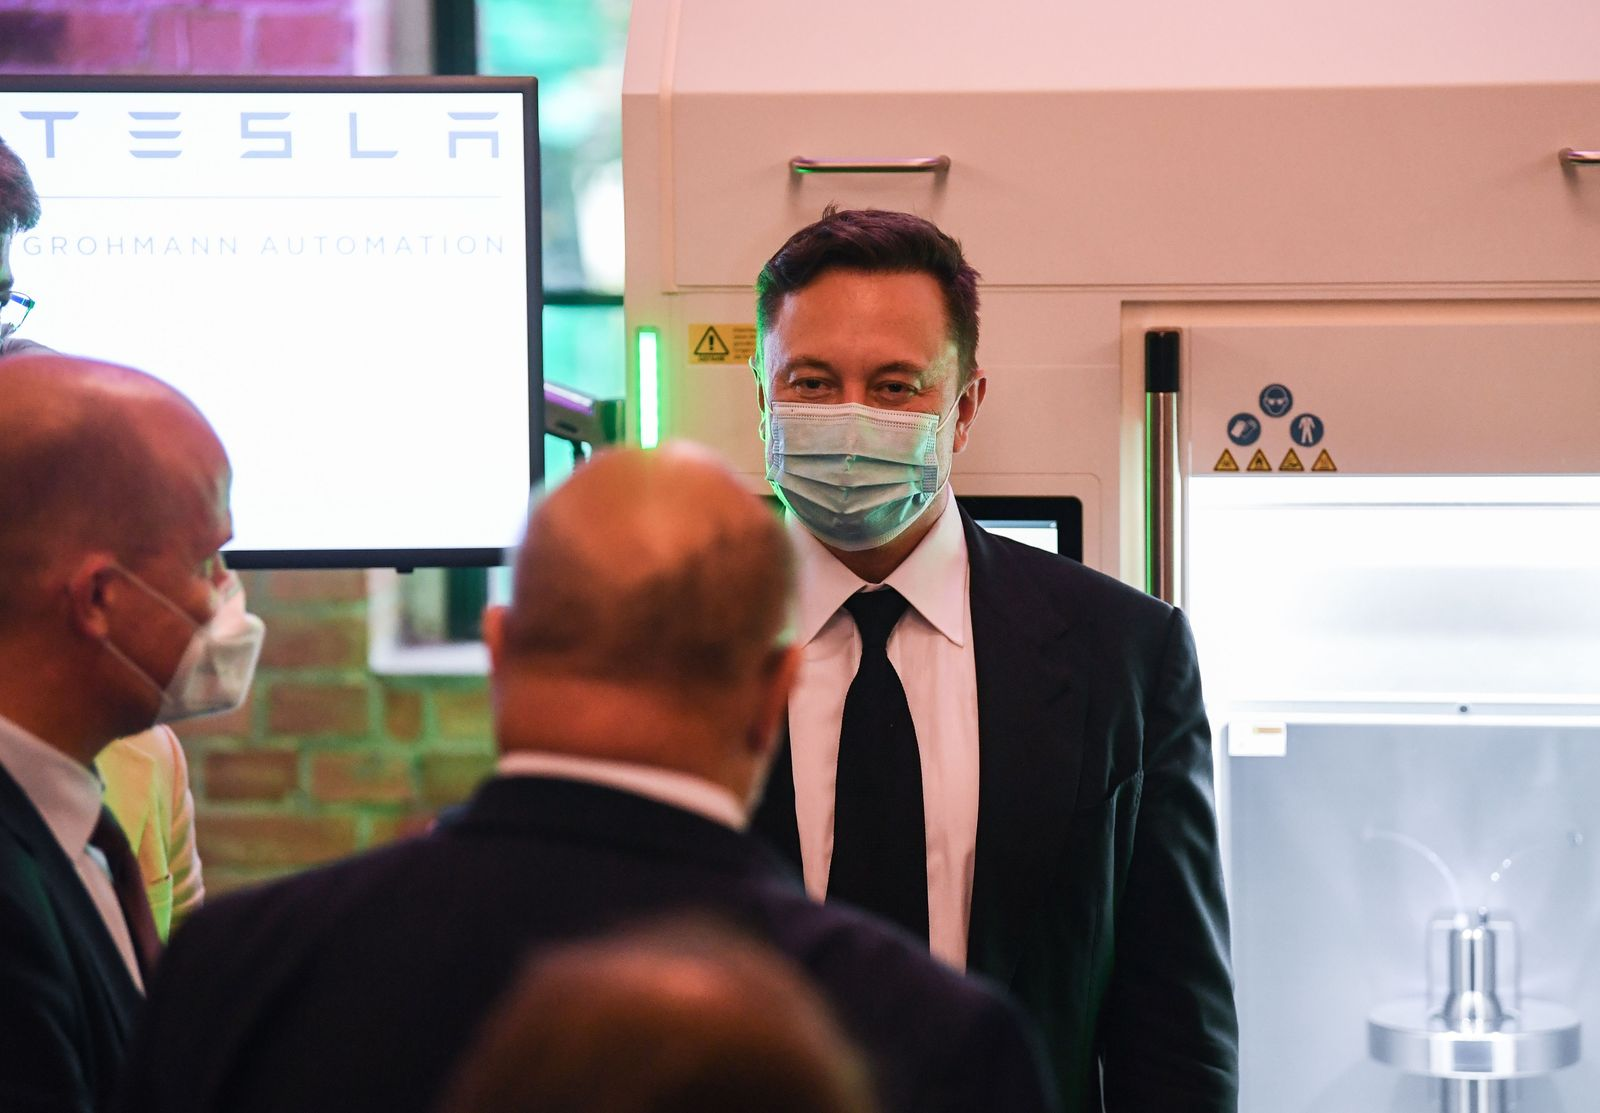 Elon Musk in Germany, Berlin - 02 Sep 2020